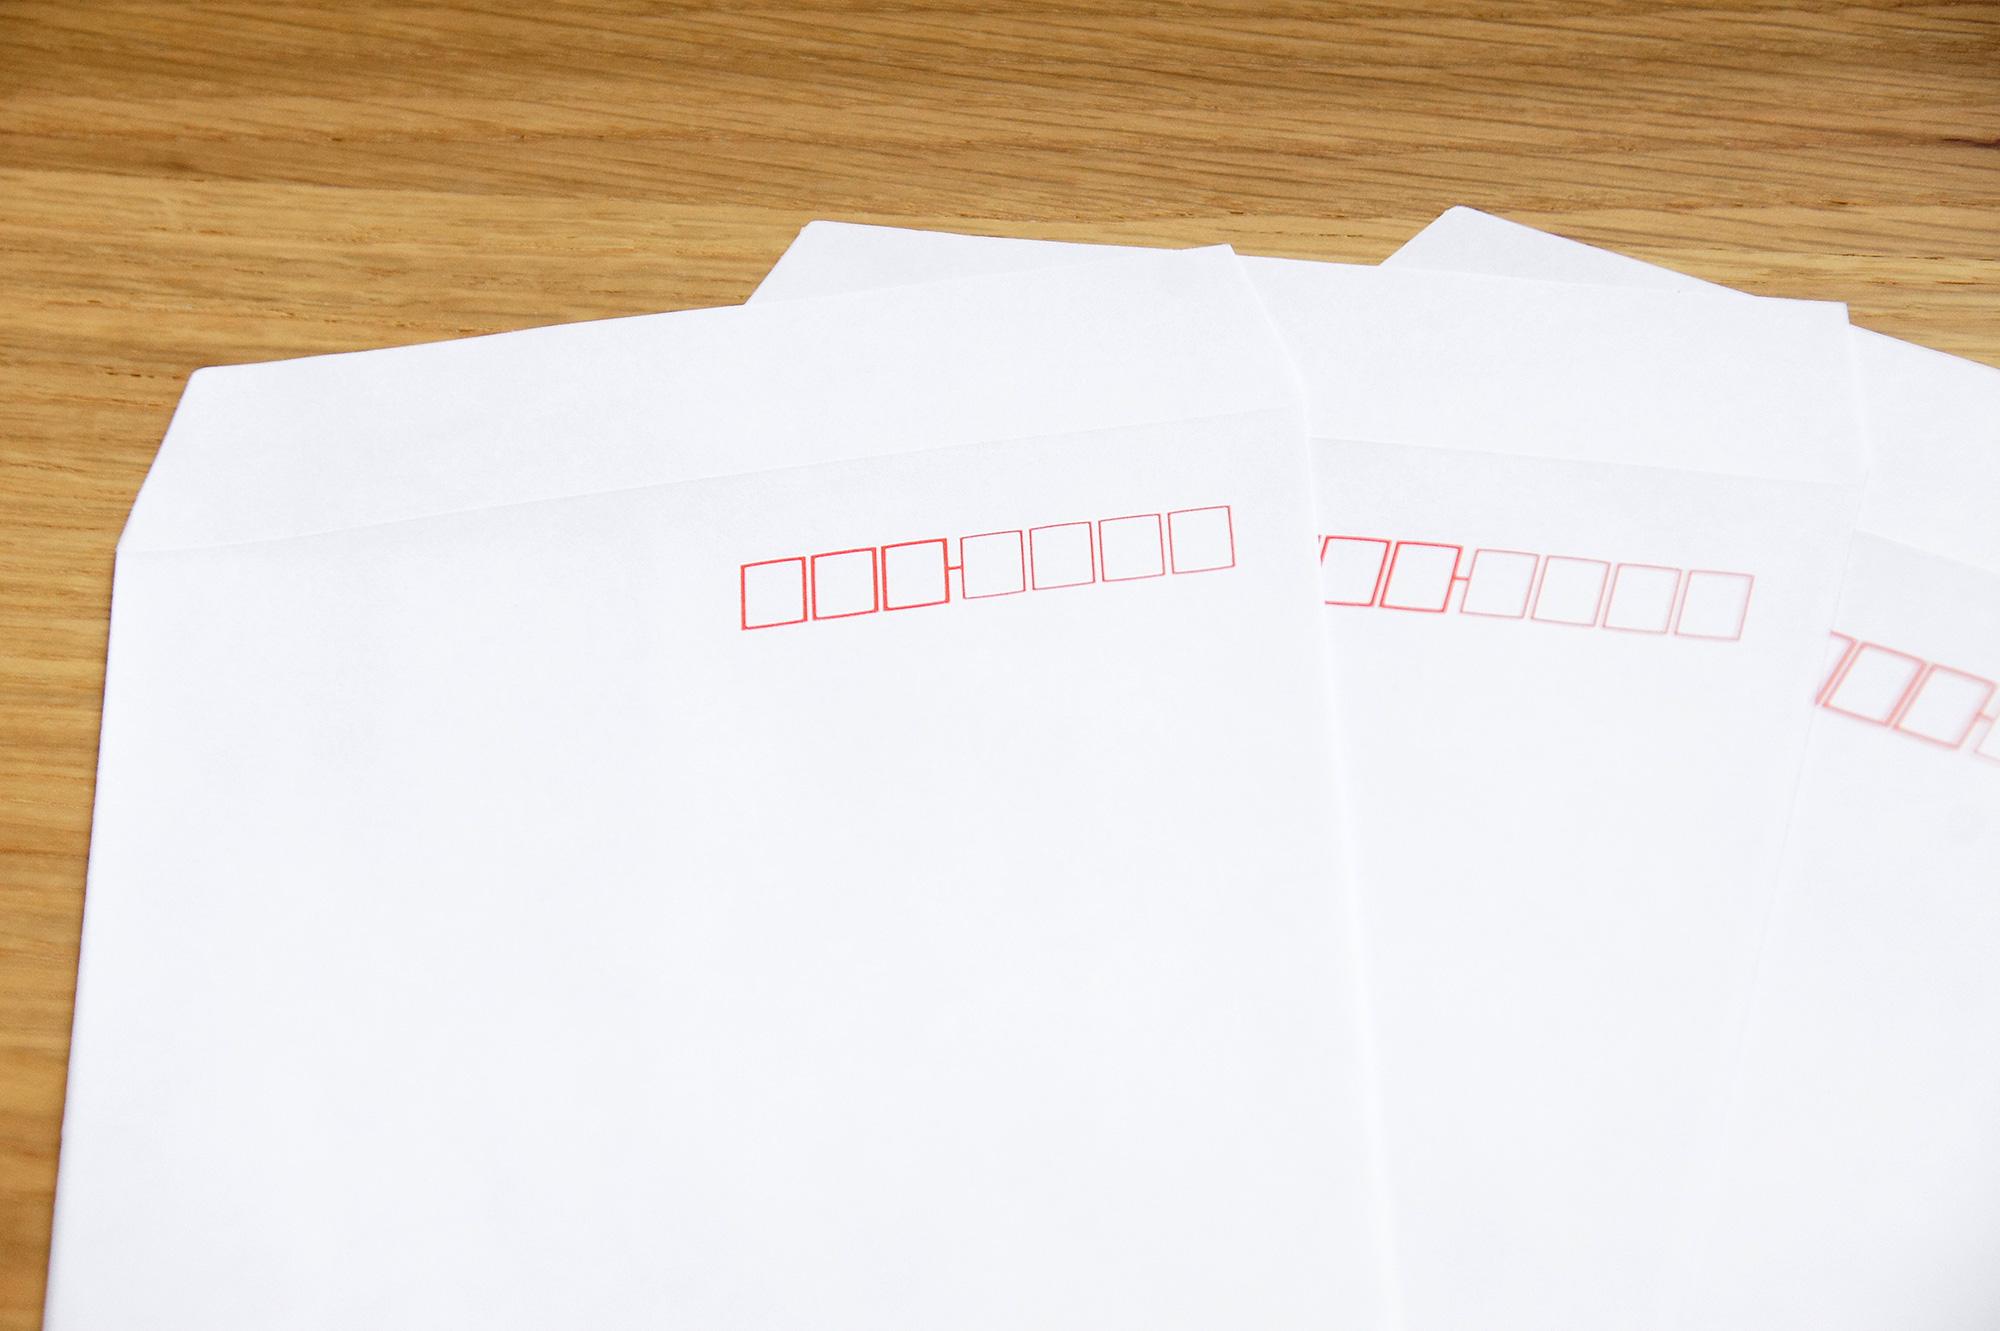 3枚の白い封筒